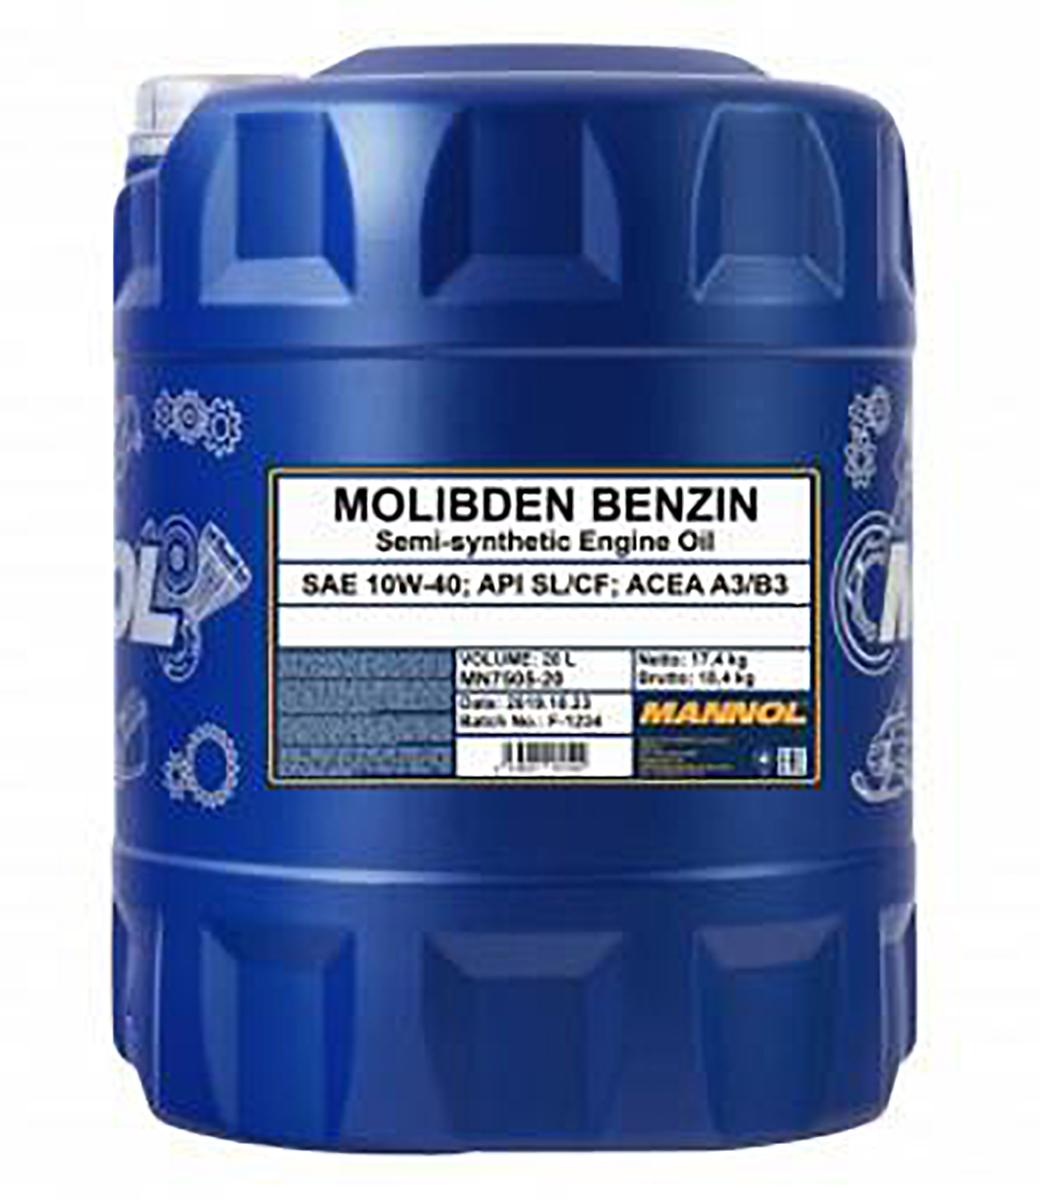 Molibden Benzin 10W-40